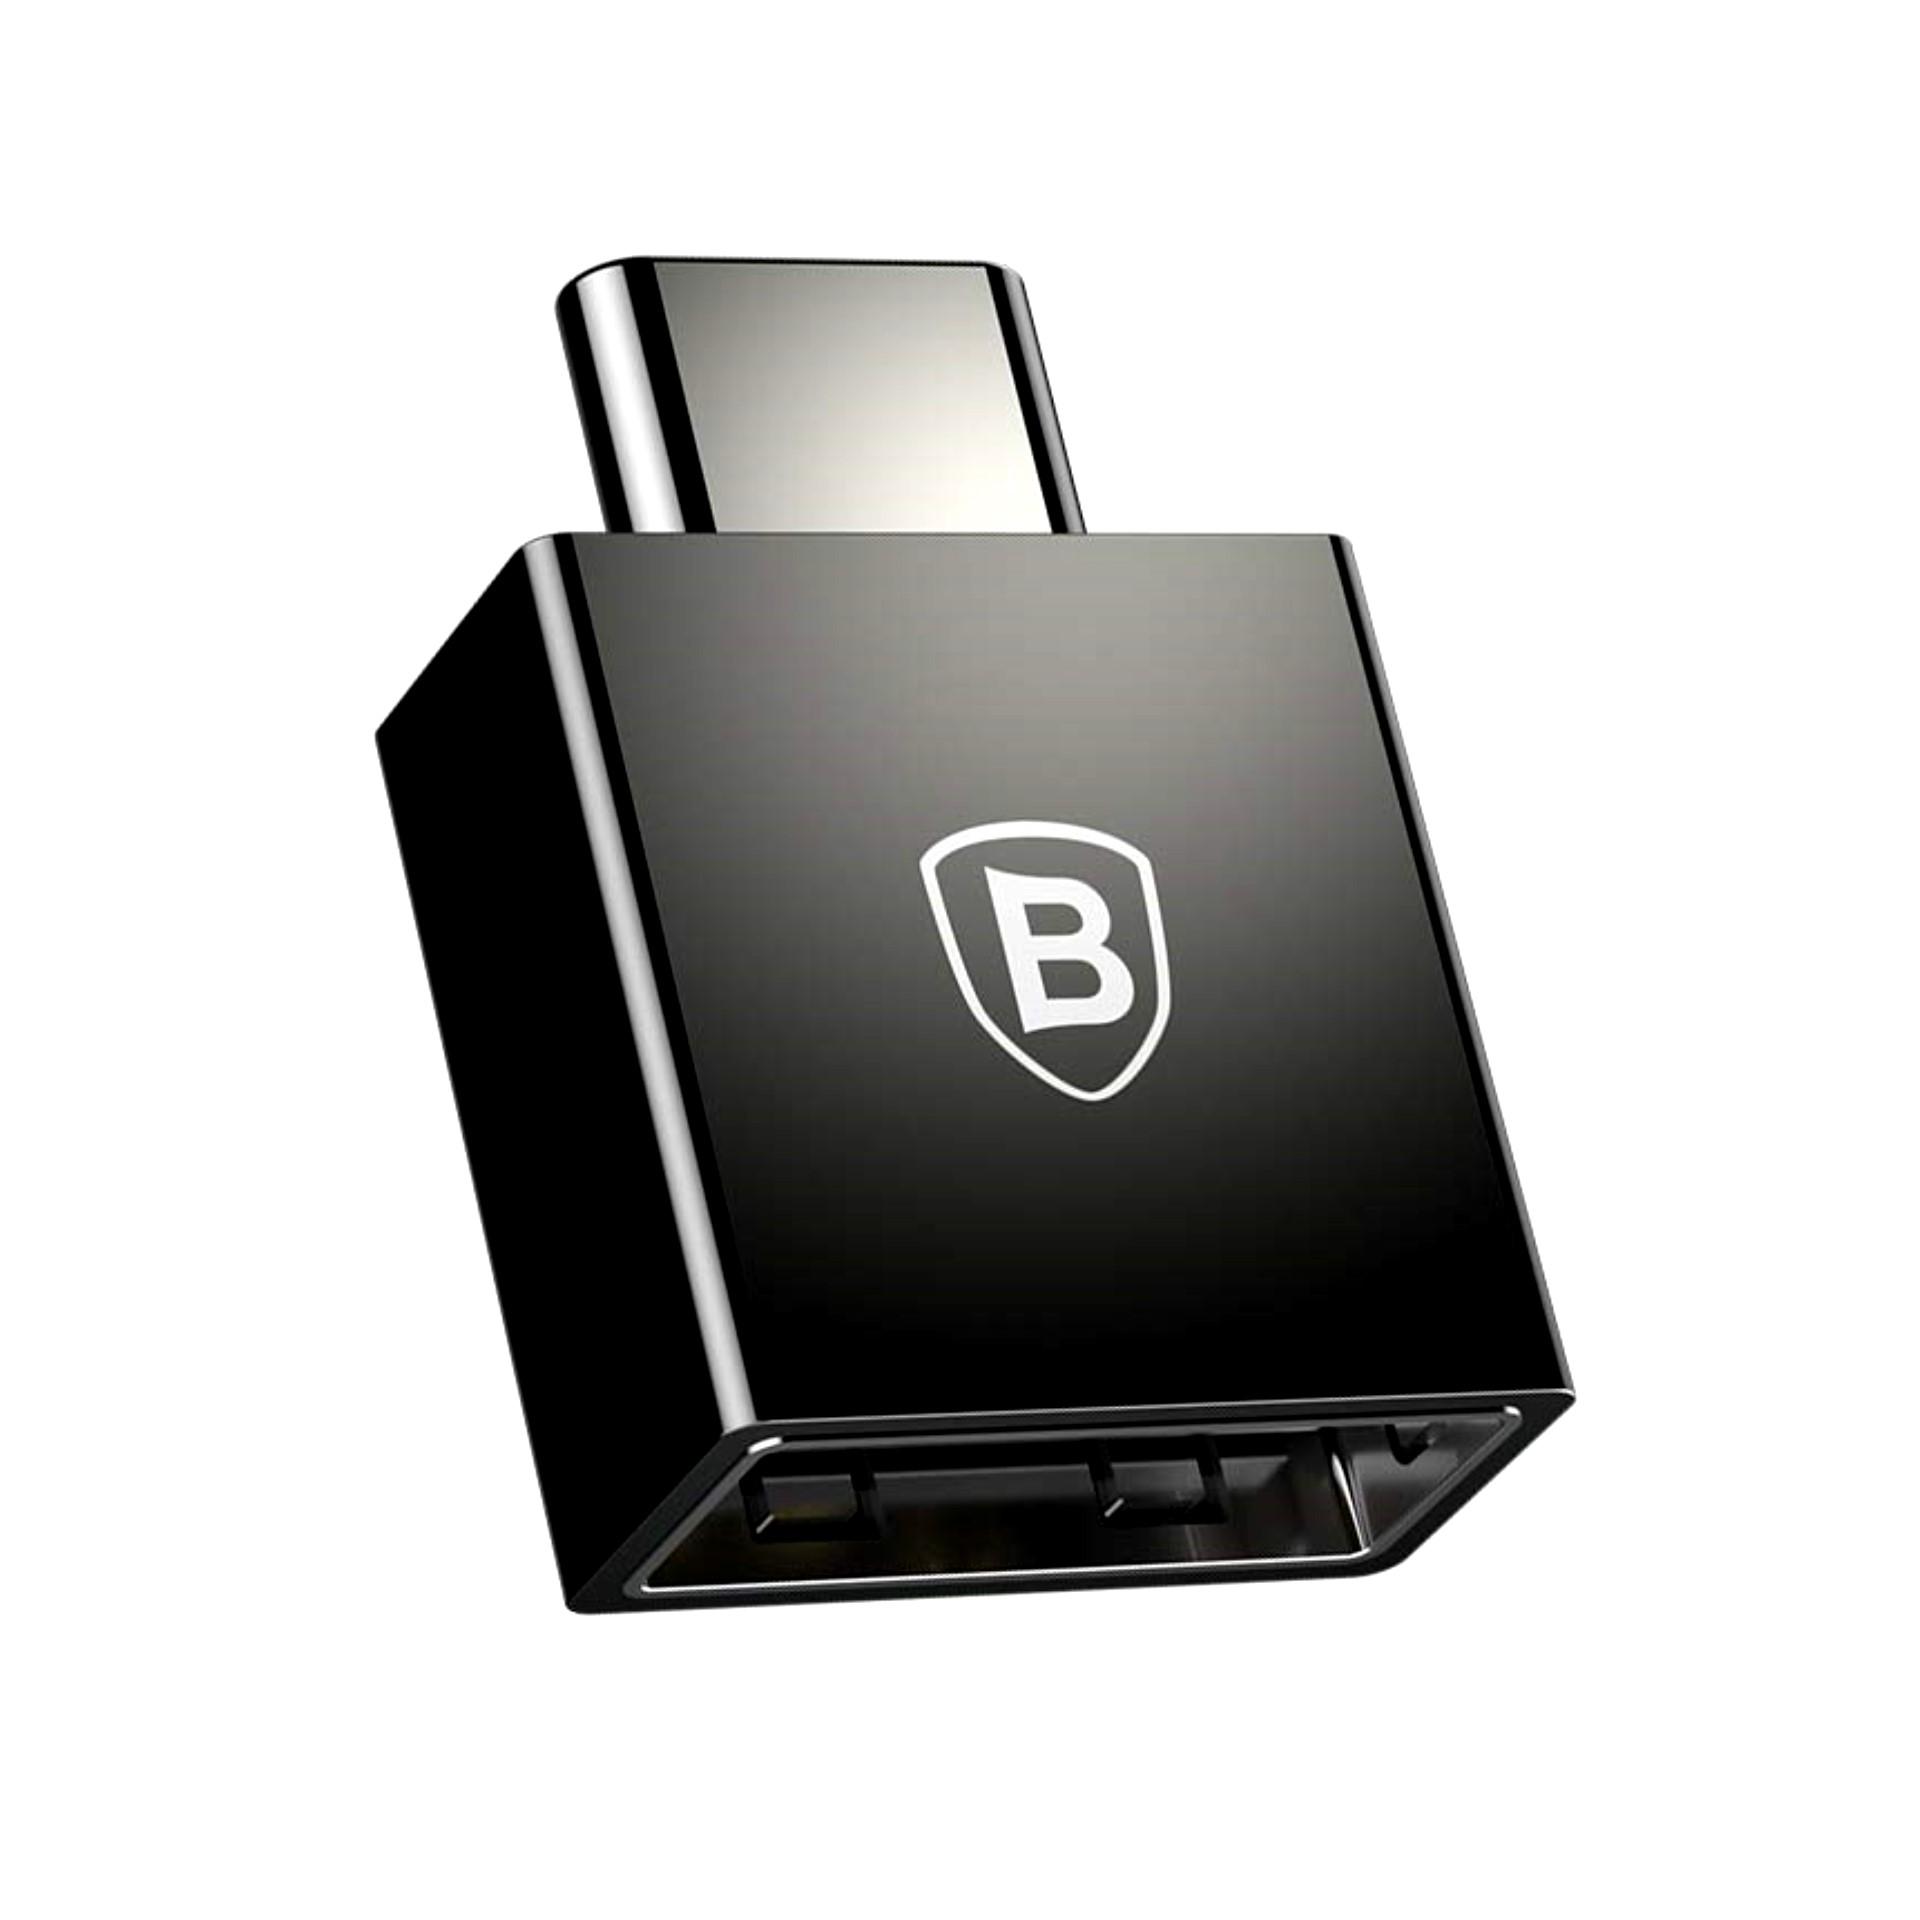 مبدل OTG USB-C باسئوس مدل CATJQ-B